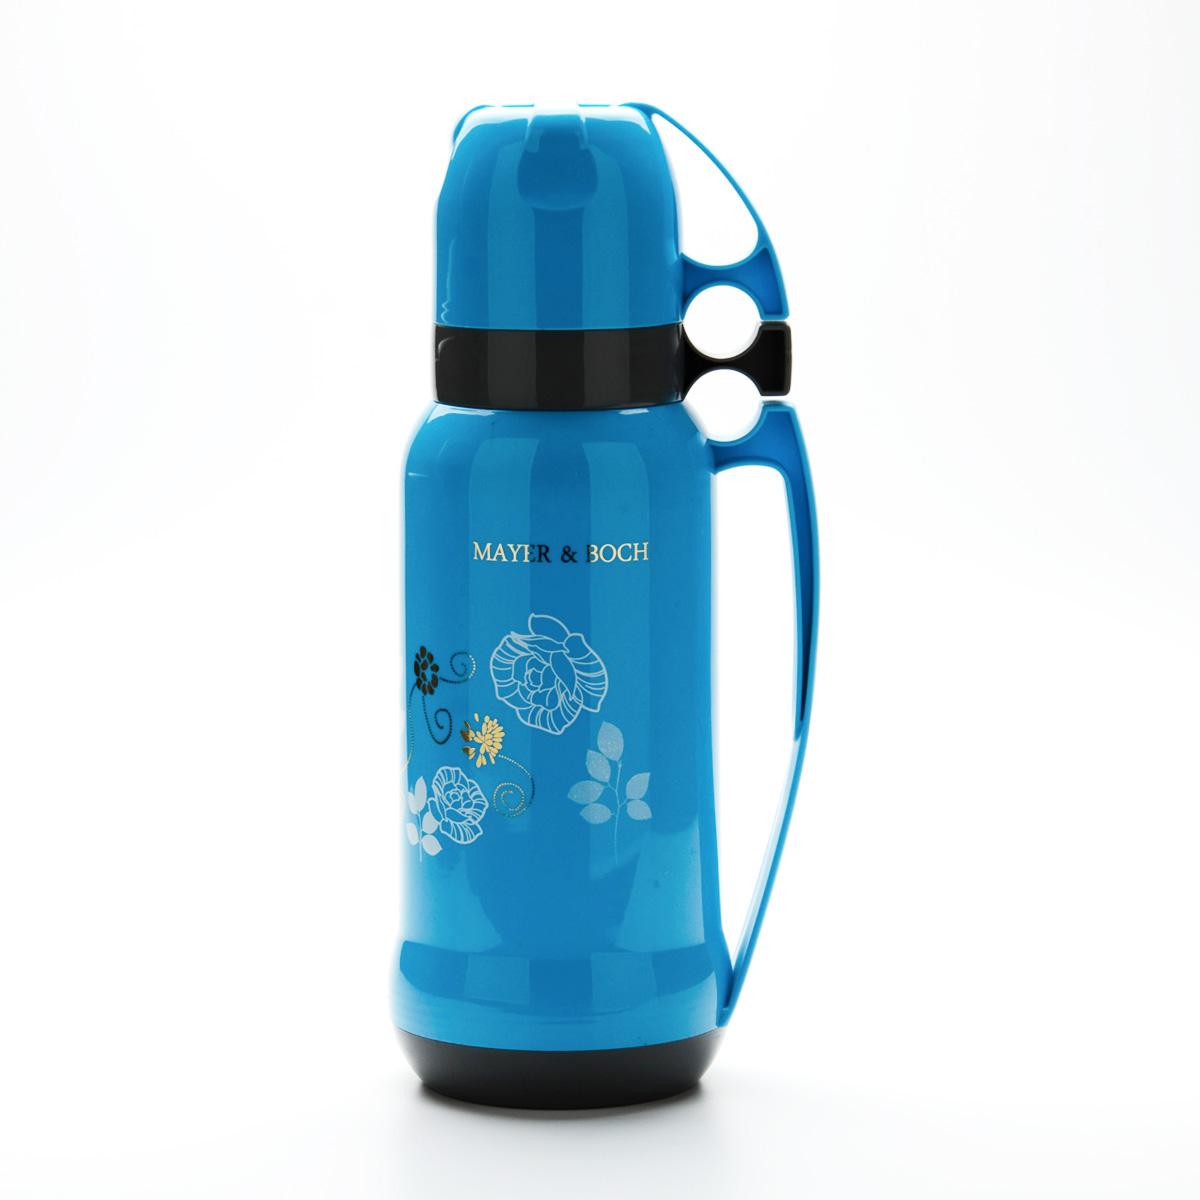 Термос Mayer & Boch, цвет: голубой, 1,8 лVT-1520(SR)Пищевой термос с узким горлом Mayer & Boch изготовлен из высококачественного пластика и алюминия и декорирован цветочным рисунком. Термос предназначен для хранения горячих и холодных напитков и укомплектован откручивающейся пробкой без кнопки. Такая пробка надежна, проста в использовании и позволяет дольше сохранять тепло благодаря дополнительной теплоизоляции. Изделие также оснащено крышкой-чашкой, дополнительной чашкой и пластиковой ручкой для удобной переноски термоса. Термос отлично подходит для использования дома, в школе, на природе, в походах и т.д. Легкий и прочный термос Mayer & Boch сохранит ваши напитки горячими или холодными надолго. Высота (с учетом крышки): 38 см.Диаметр горлышка: 5,5 см.Диаметр основания: 10,5 см.